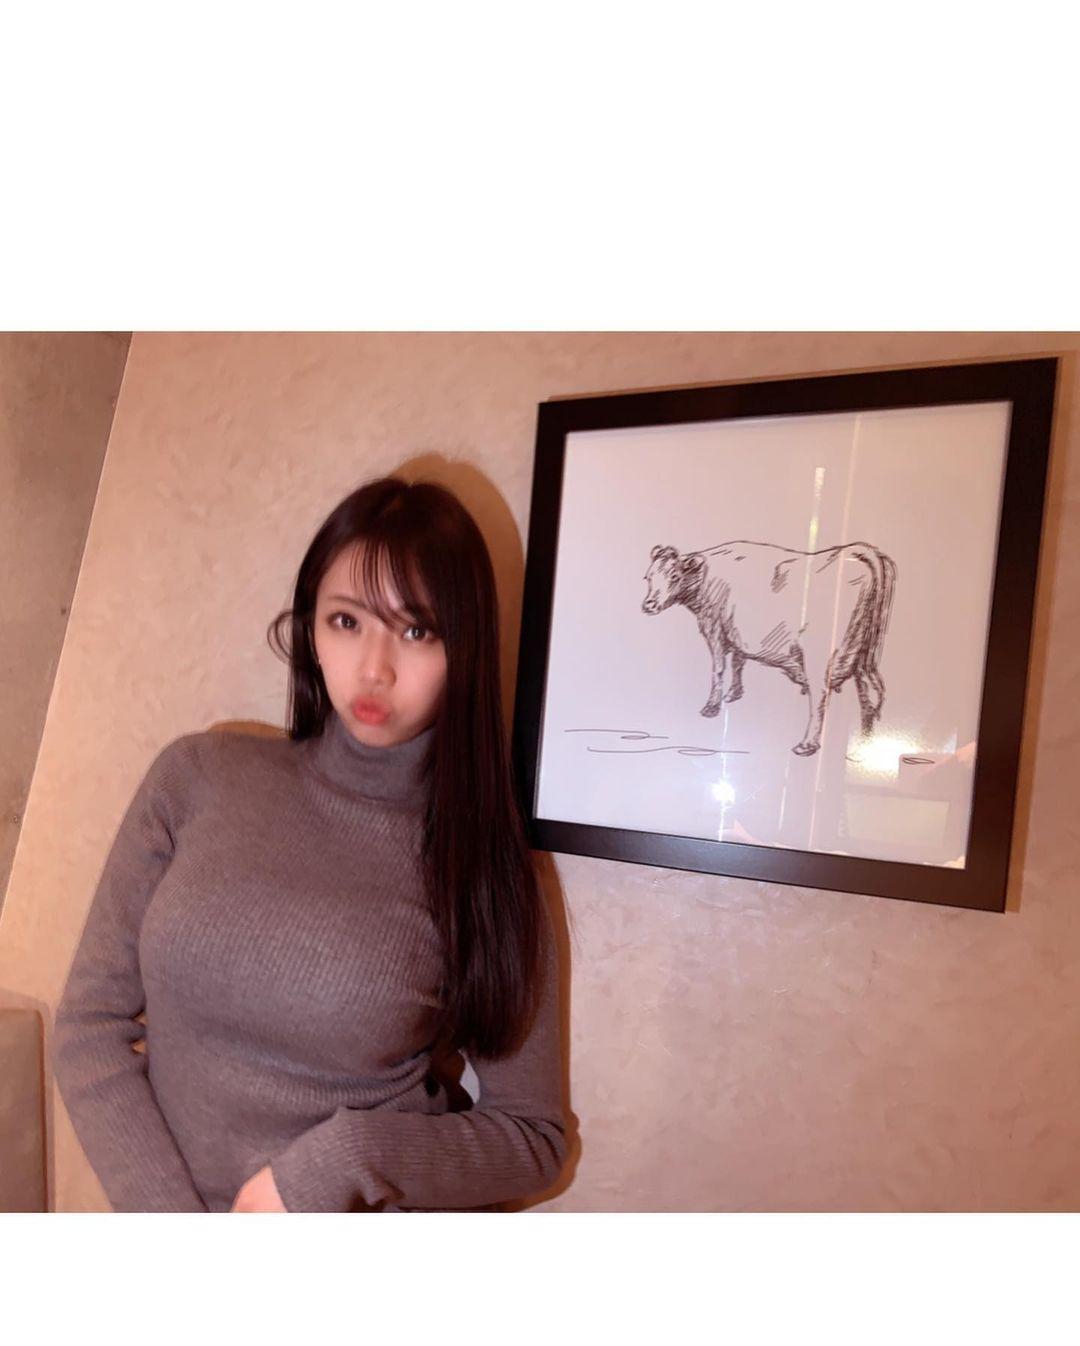 suzuki_fumina371.jpg